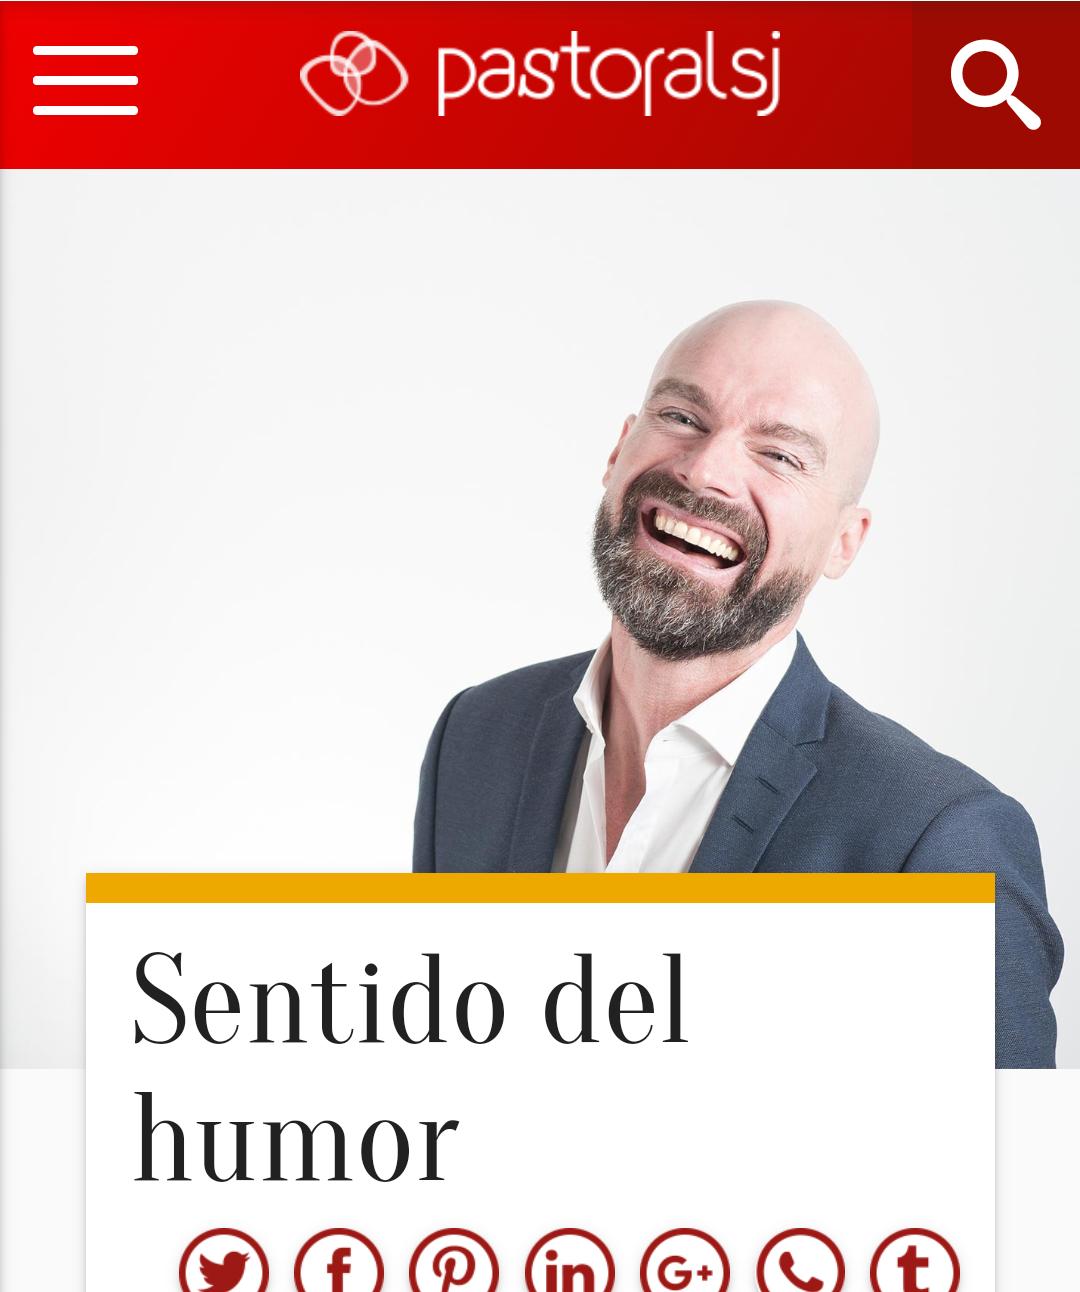 El hombre calvo que sonríe vale para todo - Blog de Sábado Comunicación Digital